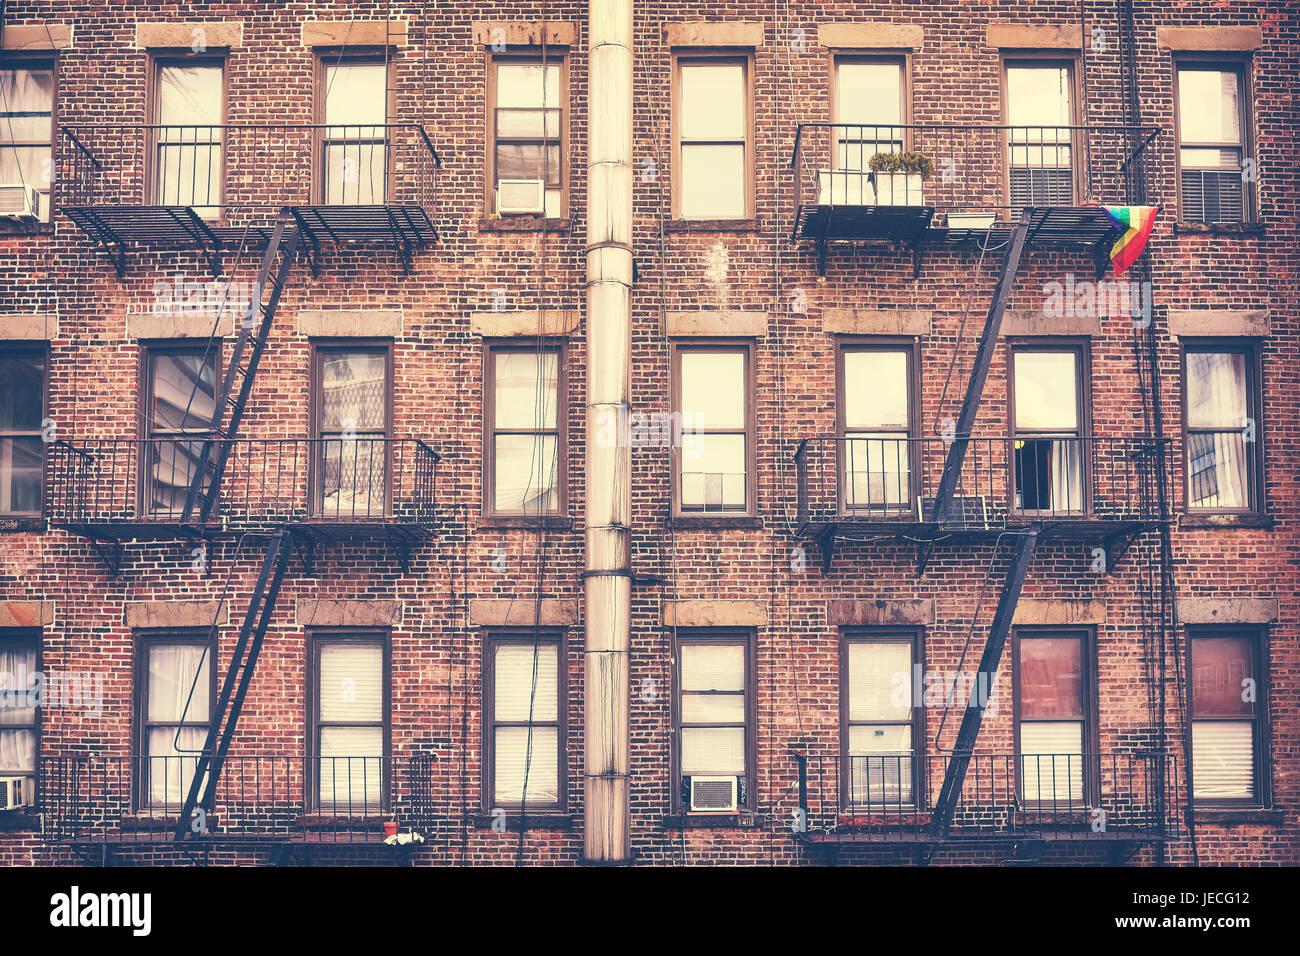 Film di vecchio stile retrò foto di un edificio con fire escape, uno di New York City simboli, STATI UNITI Immagini Stock